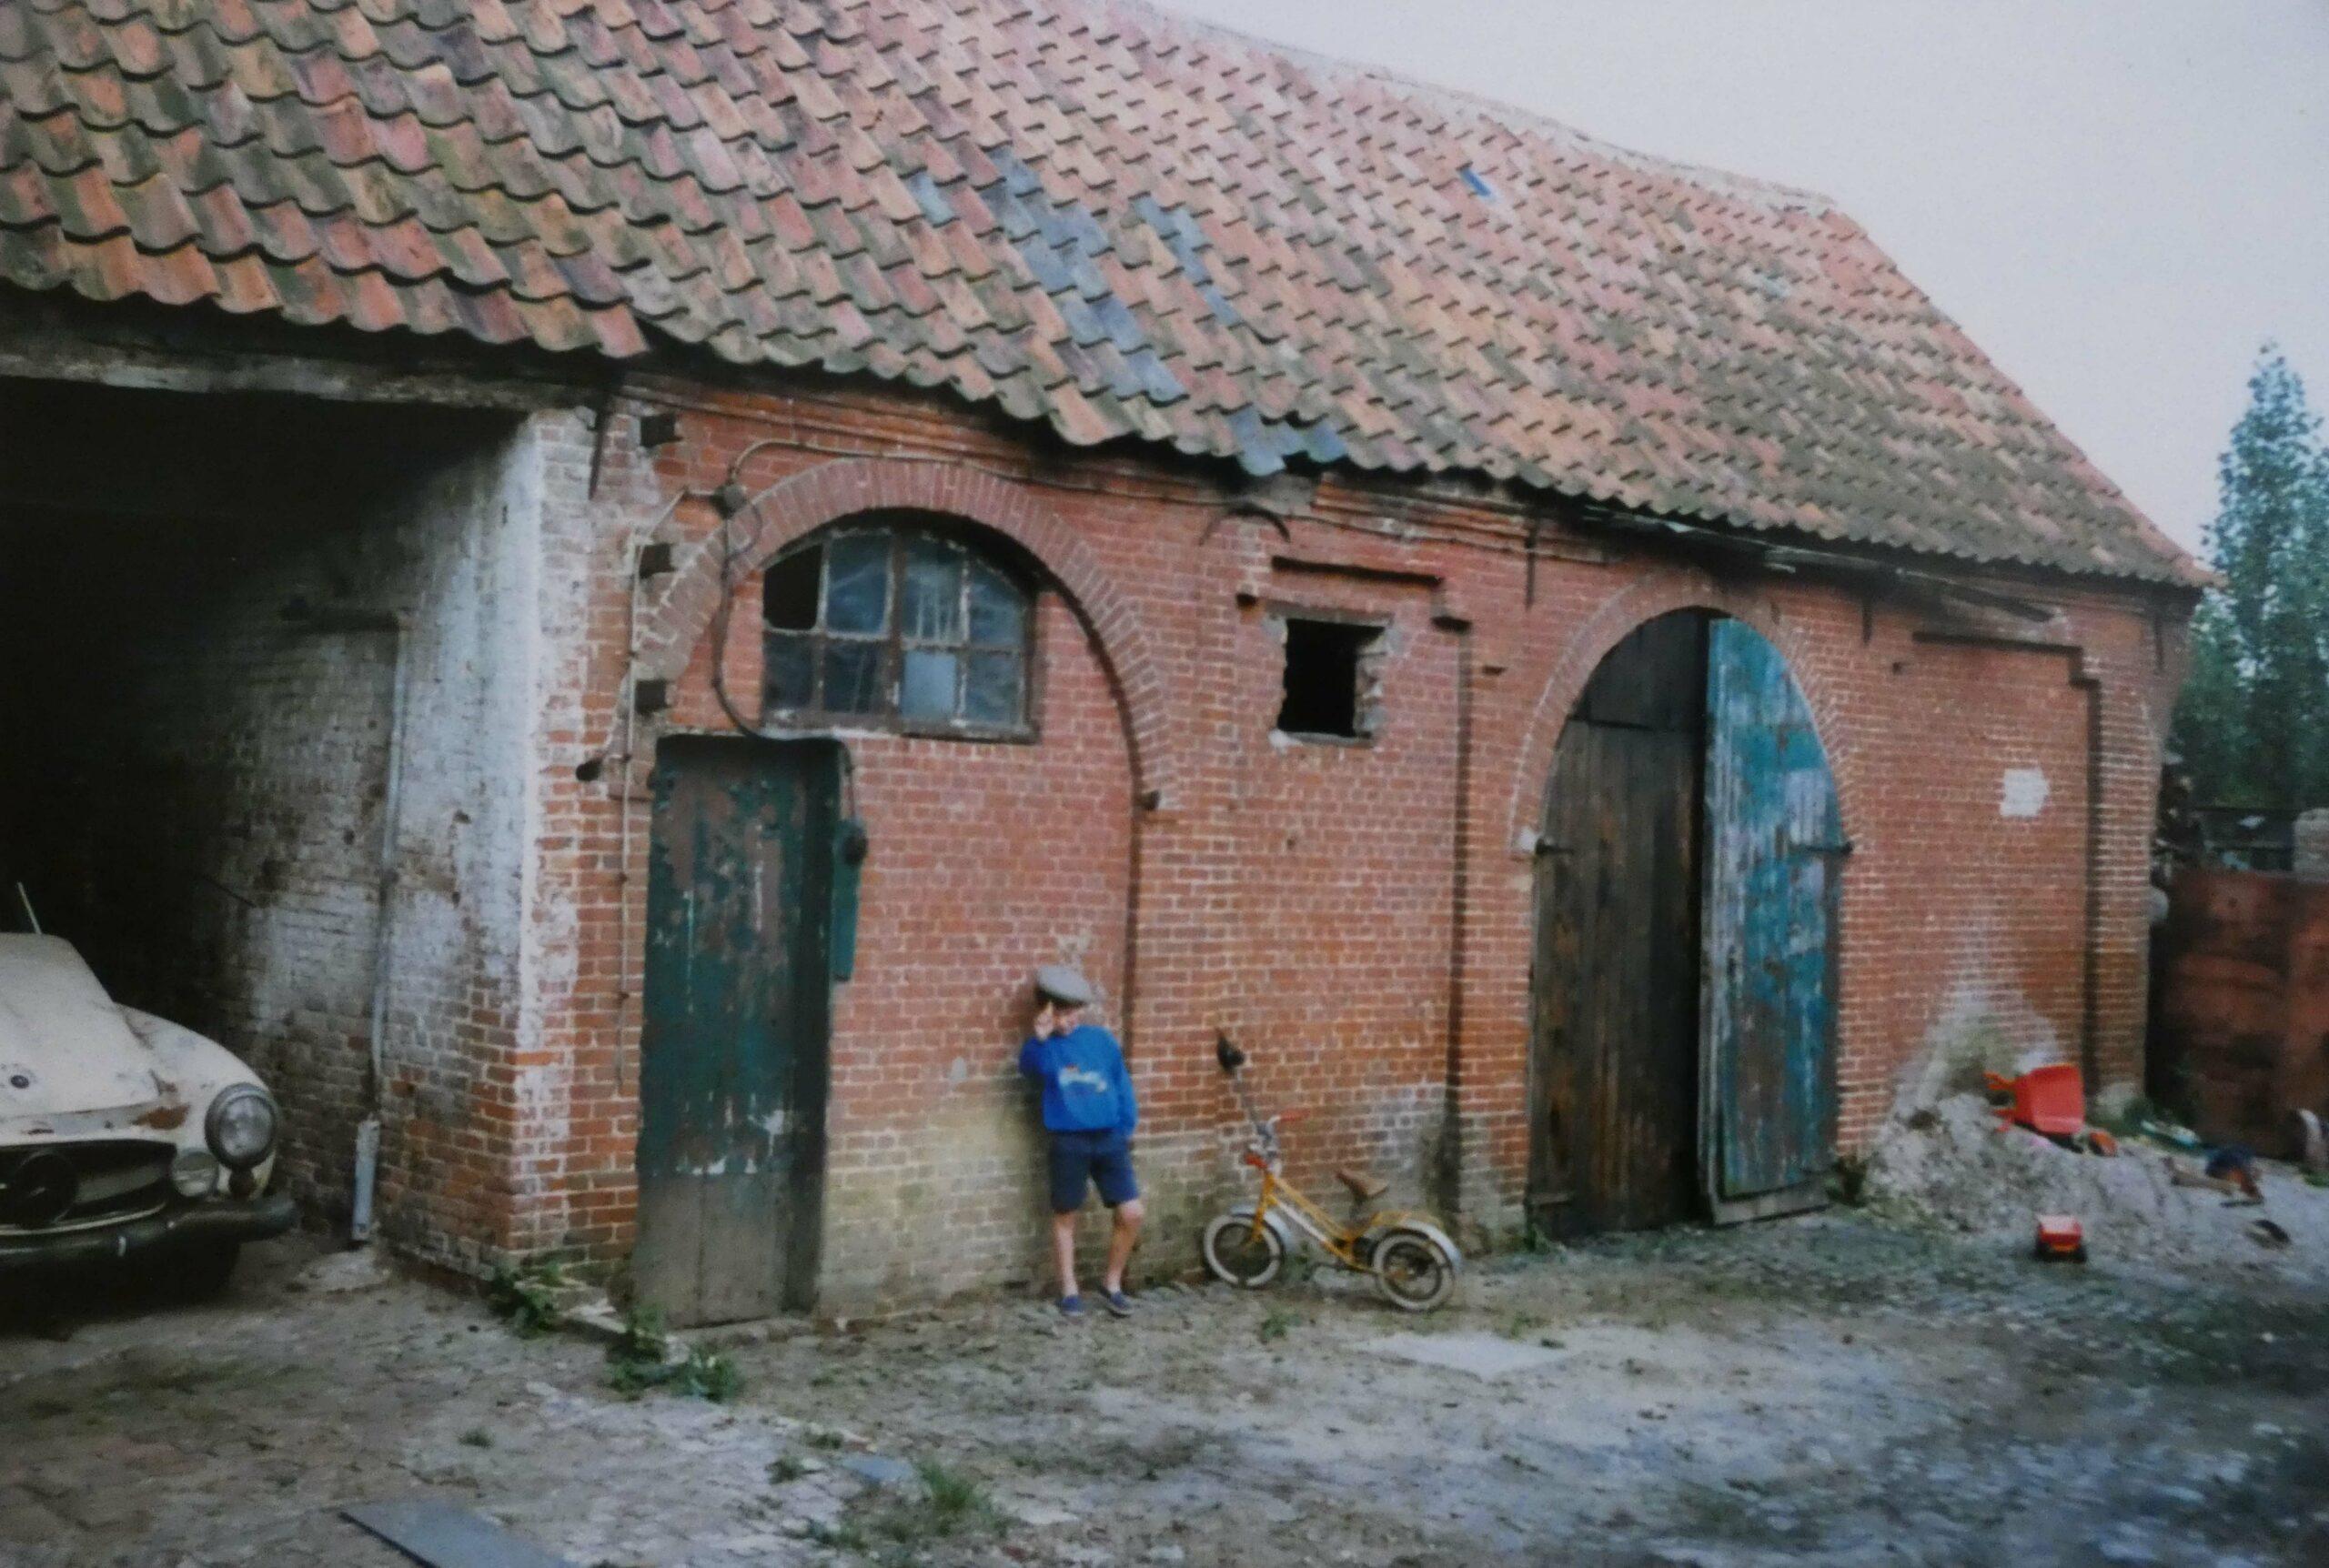 Maalderijgebouw achter de schuur